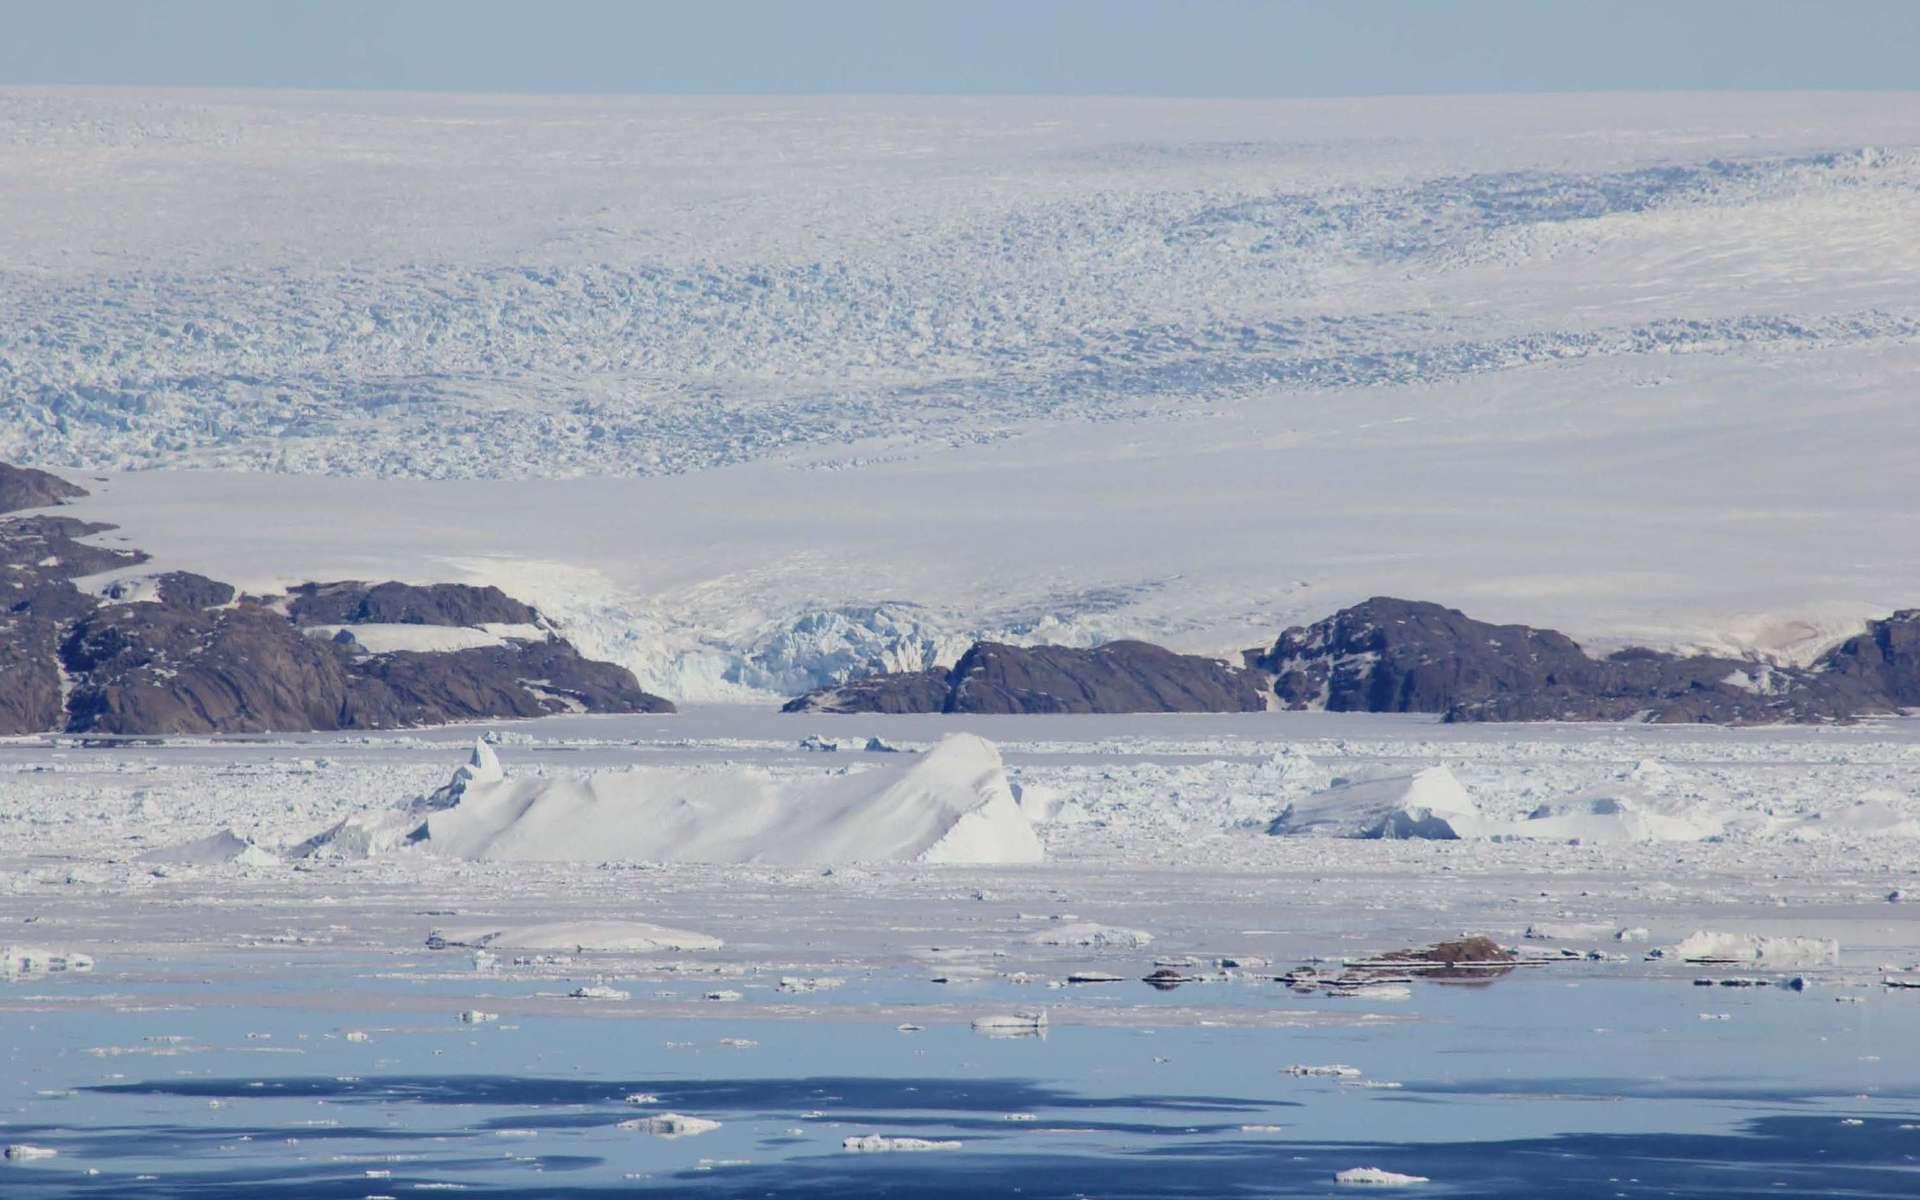 Tous les glaciers groenlandais, comme le glacier d'Upernavik, au nord-ouest du territoire, s'effritent progressivement. Y compris dans les régions que l'on pensait encore épargnées par le réchauffement climatique. © Shfaqat Abbas Khan